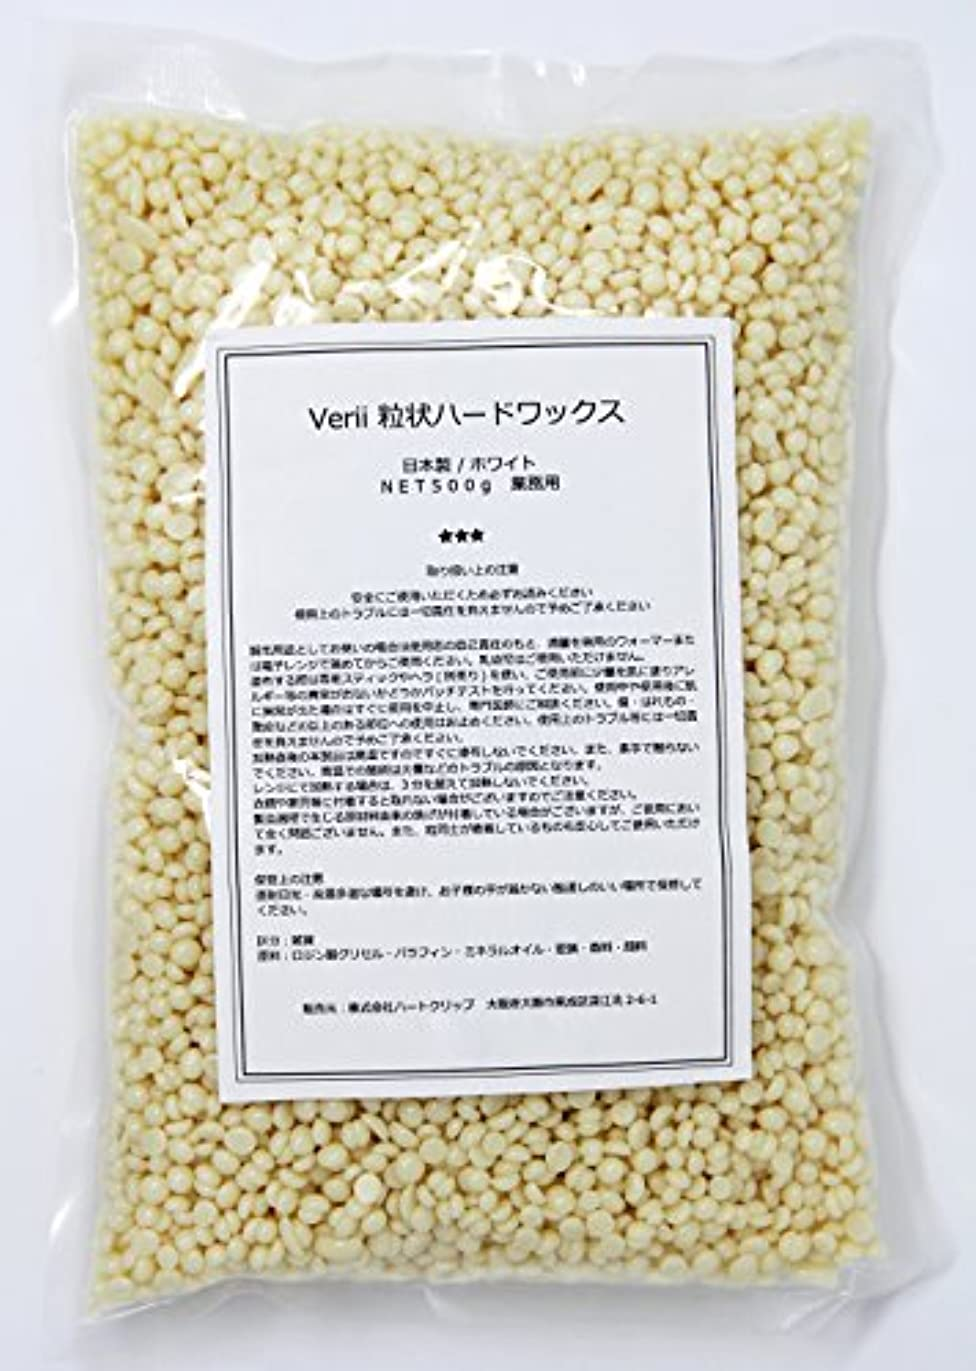 提唱するソファー三Verii 【鼻毛ワックス】粒状ハードワックス ホワイト (100g)